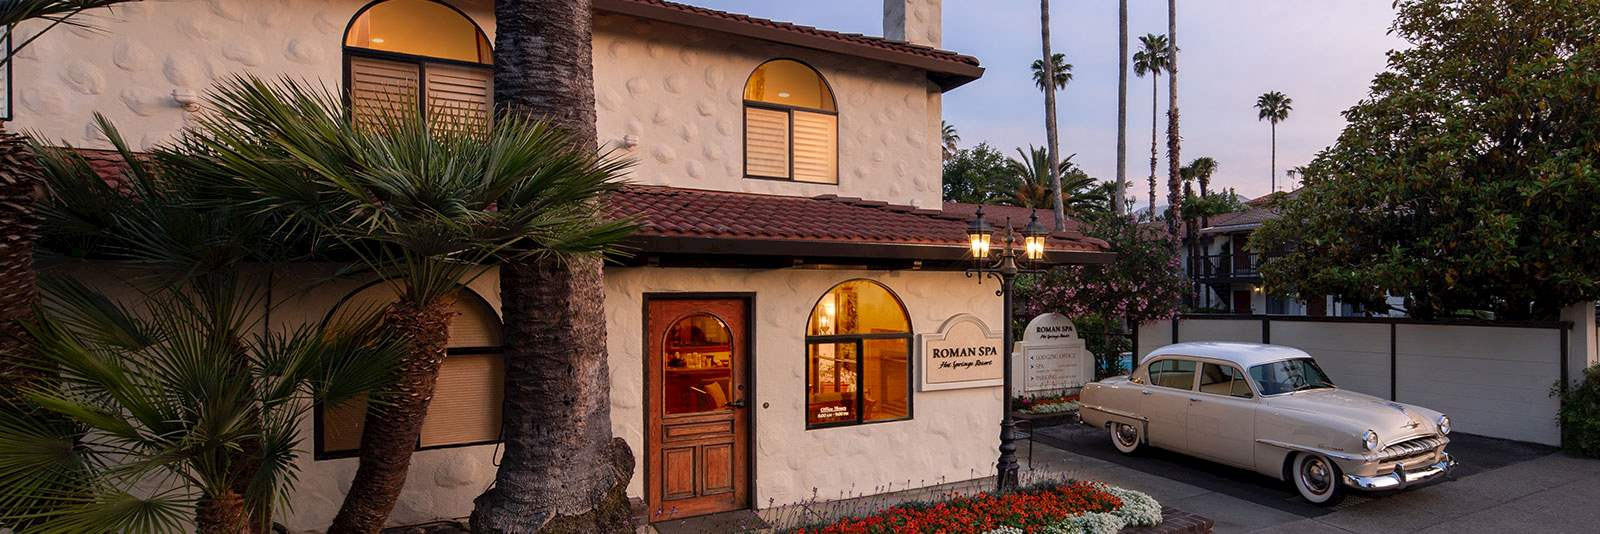 Roman Spa Hot Springs Resort in California